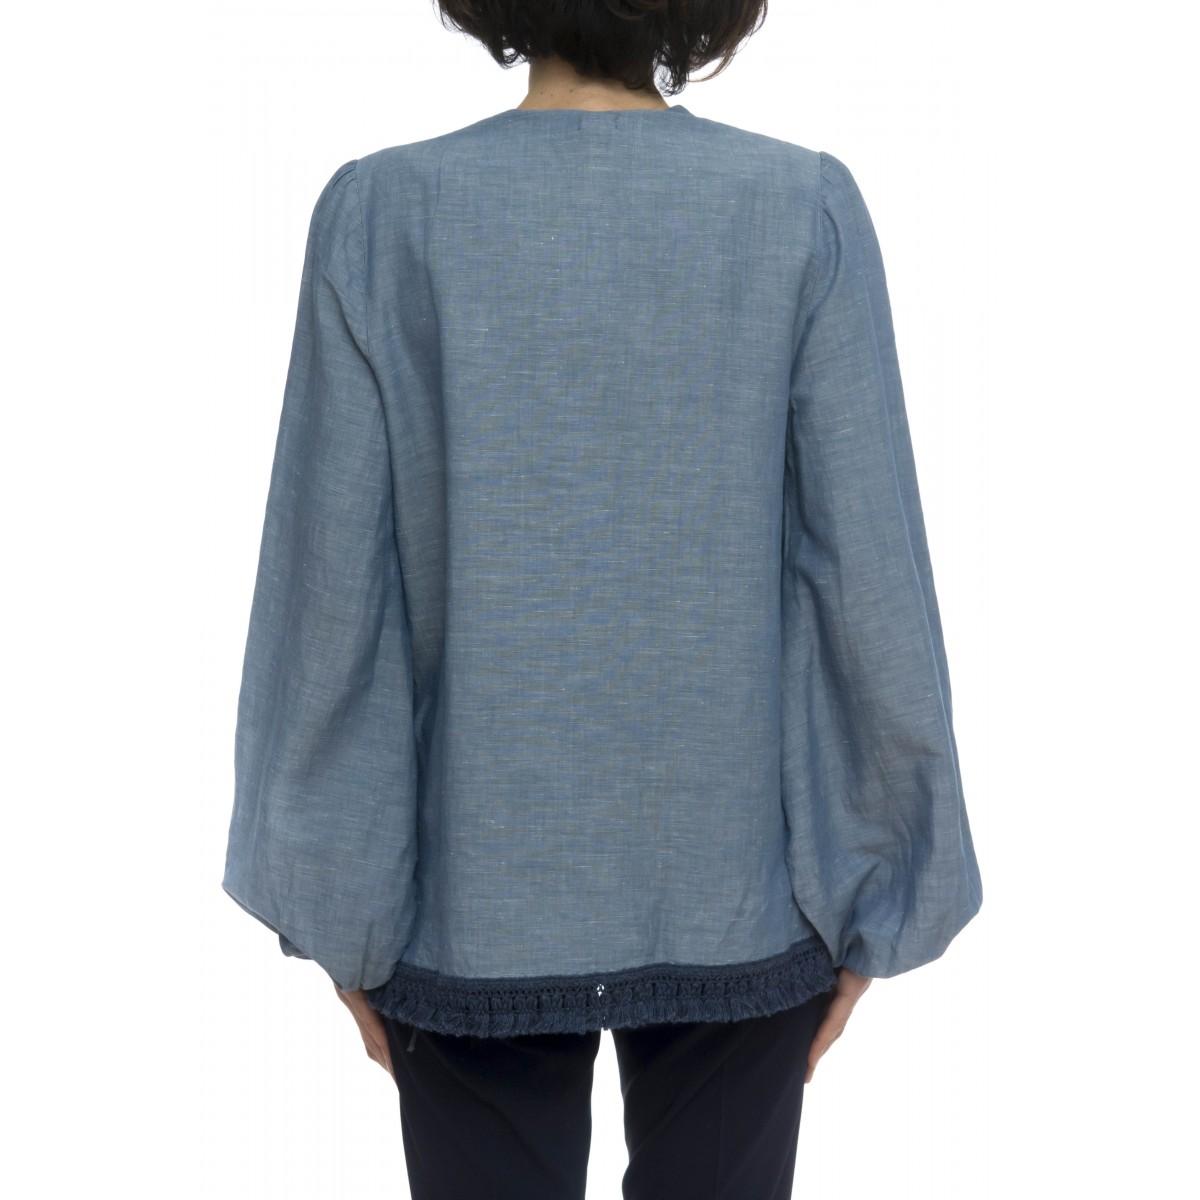 Camicia donna - Kala camicia denim light